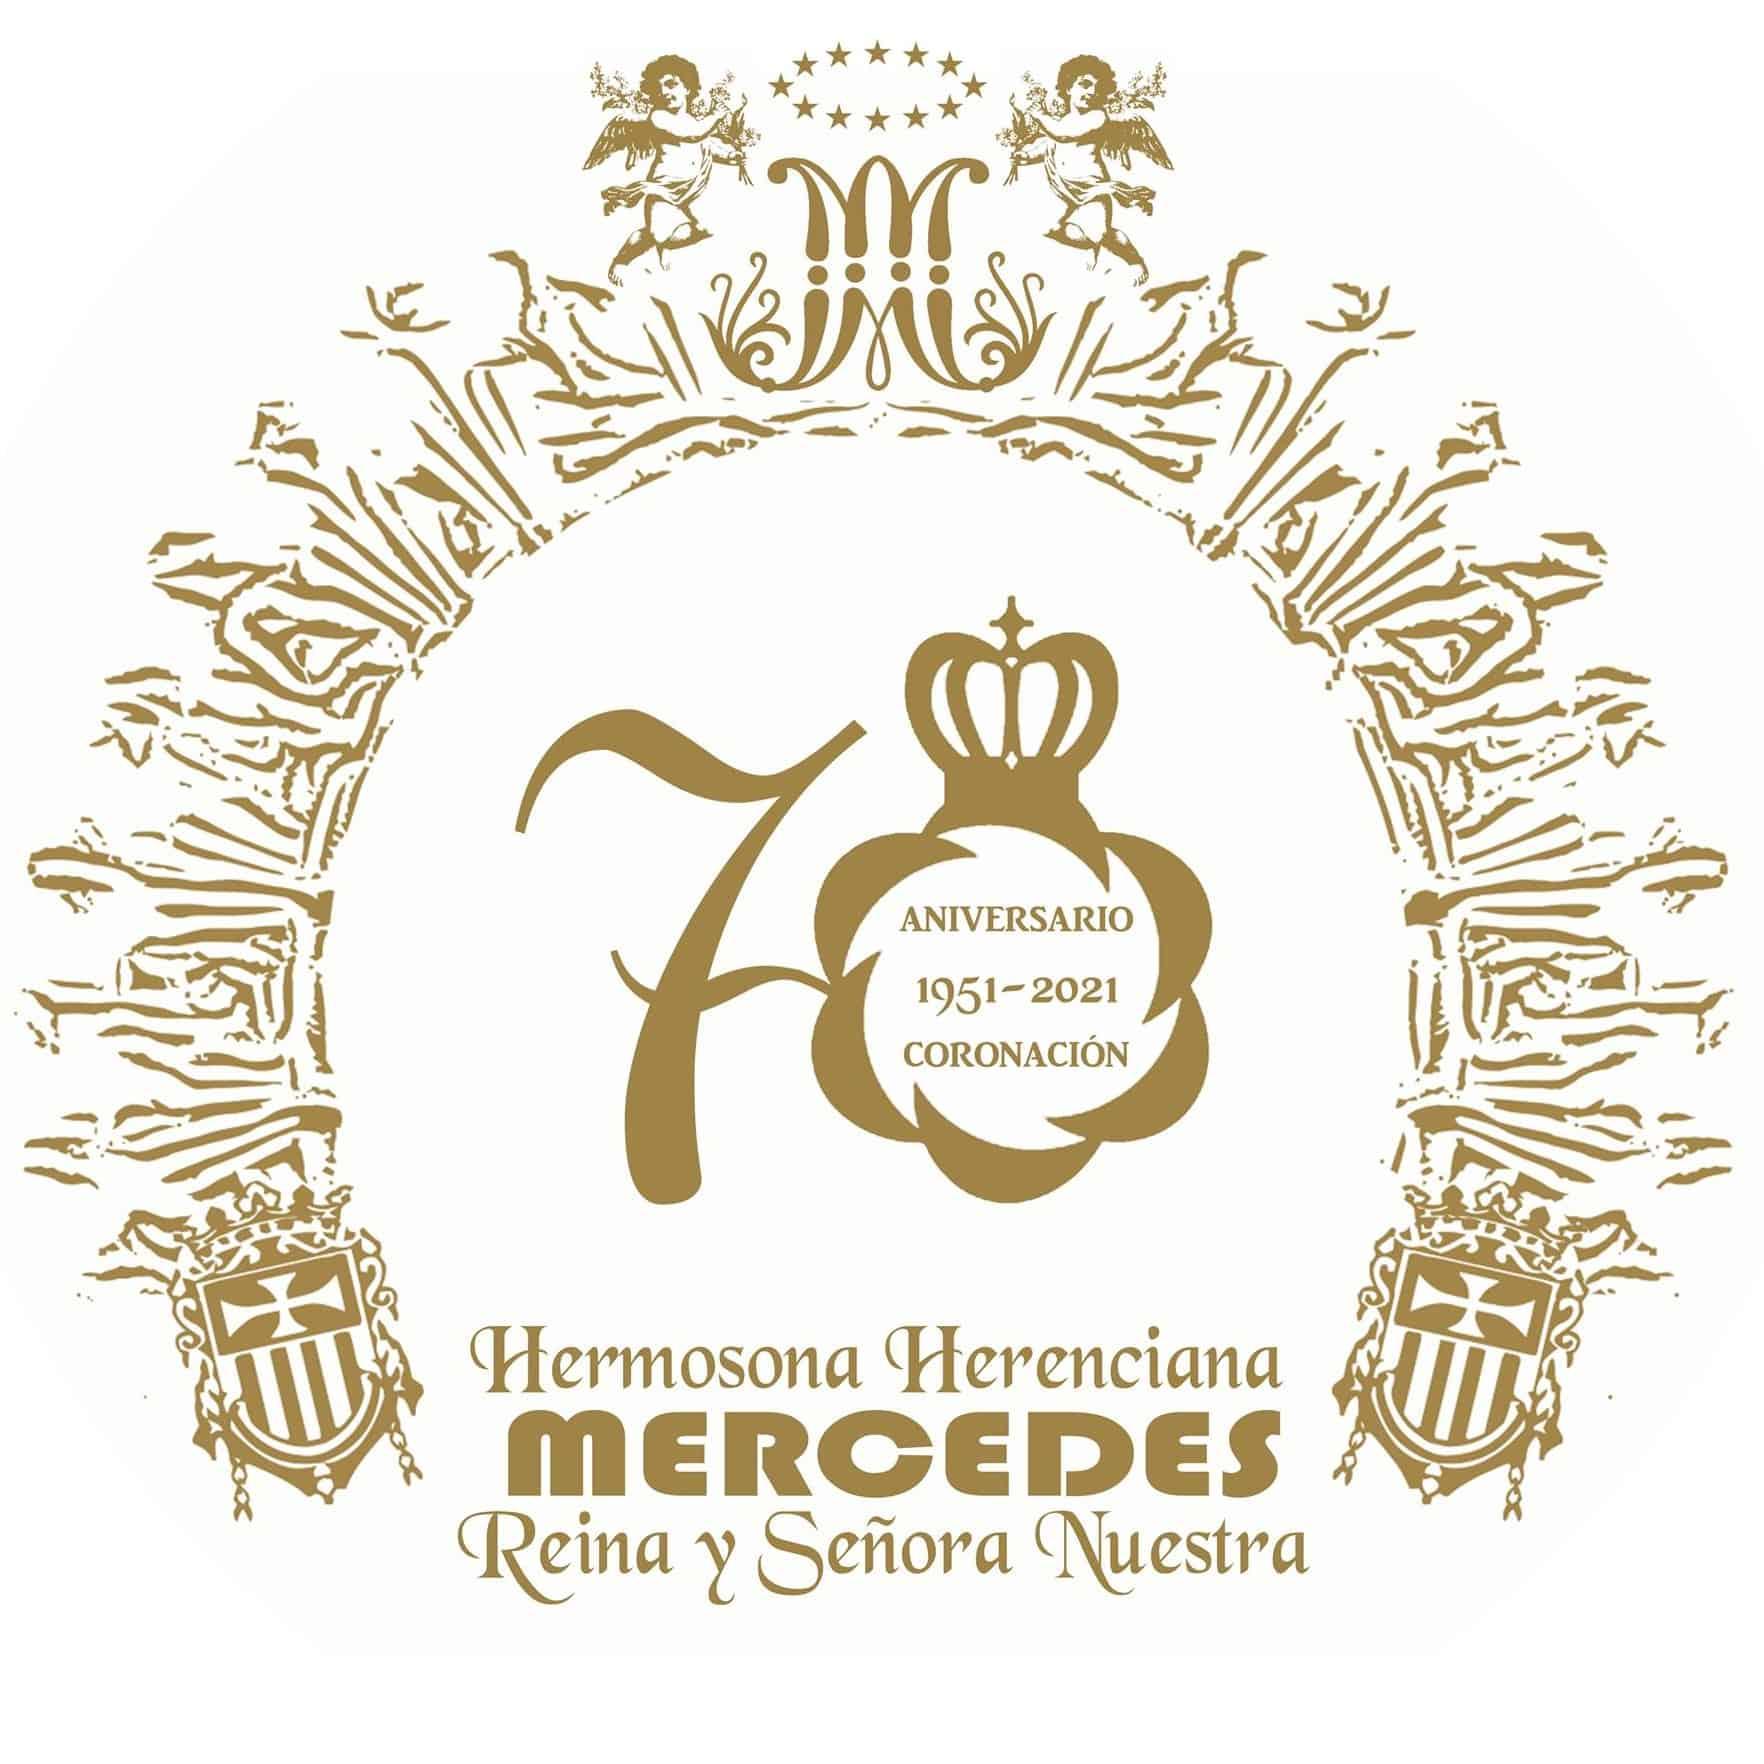 La comunidad mercedaria celebra el 70 aniversario de la coronación de la Virgen de las Mercedes 3